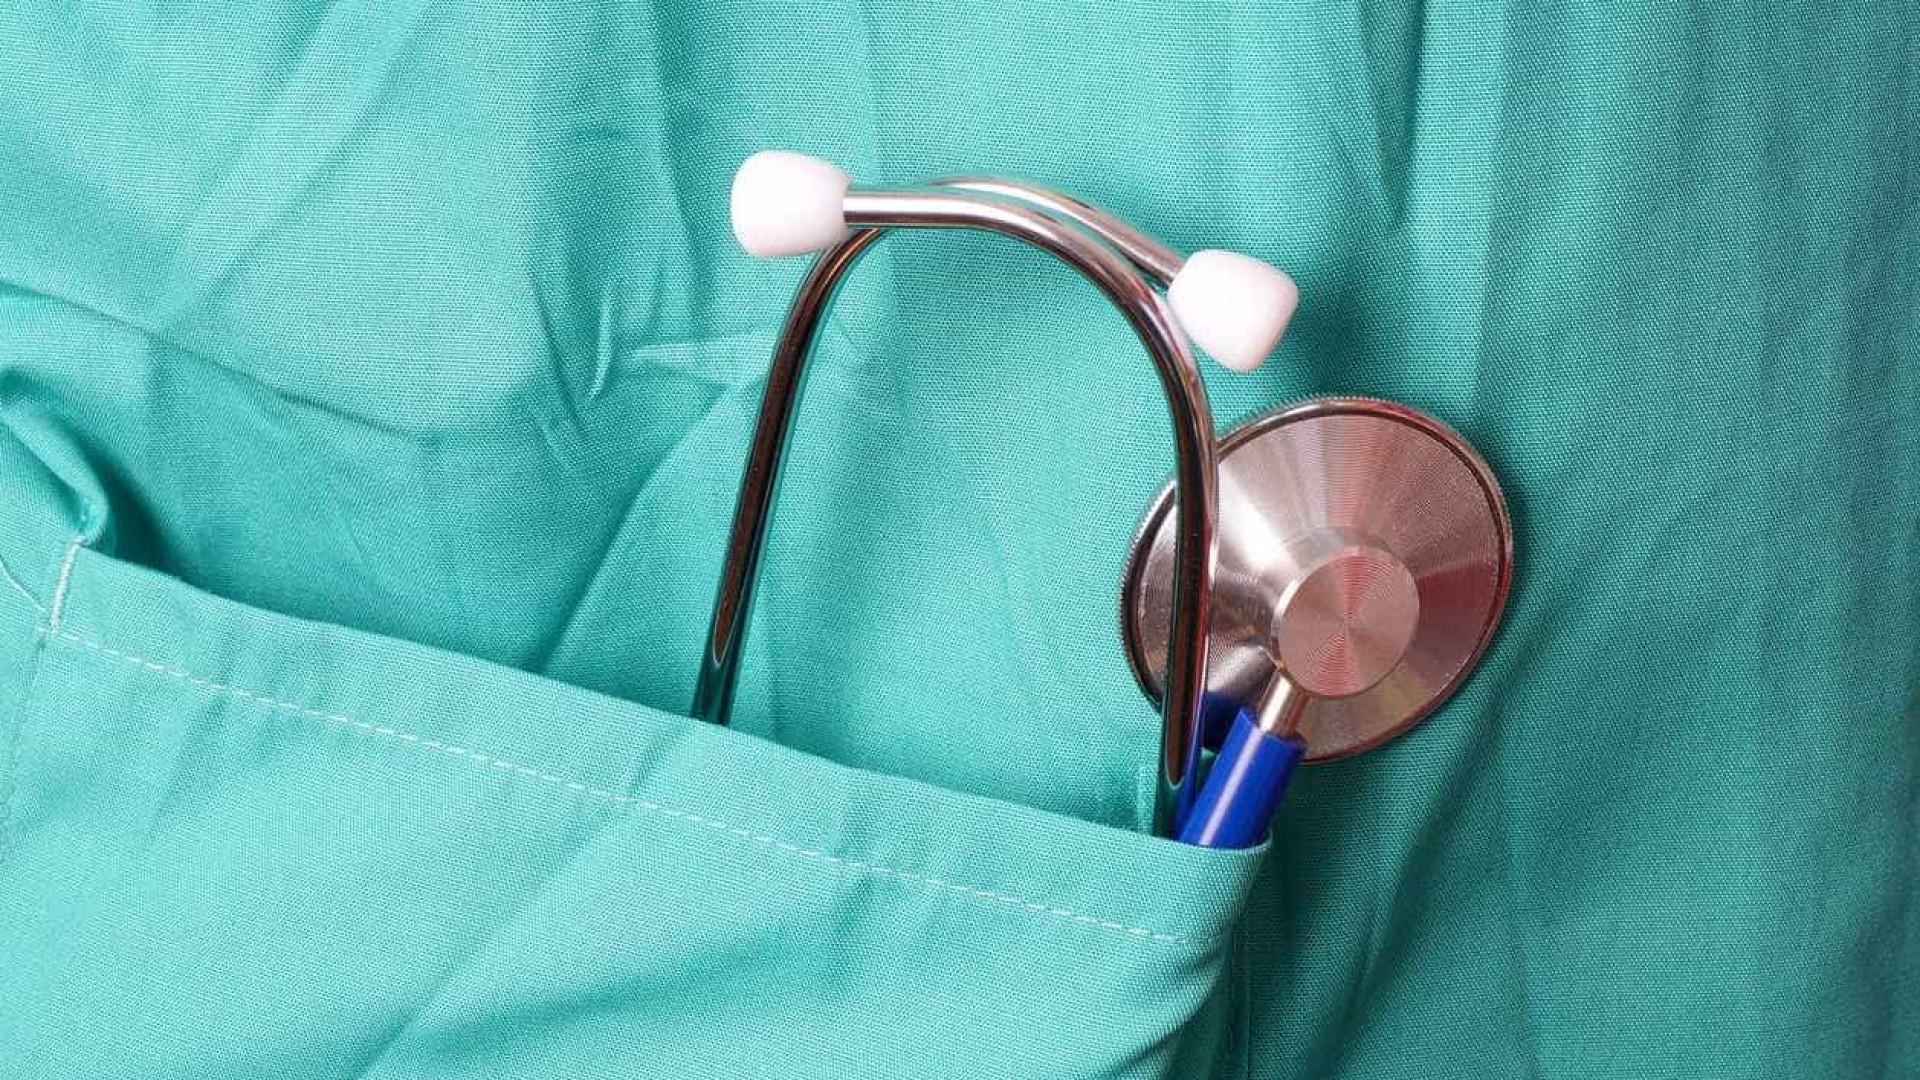 Sindicatos de médicos agendam greve conjunta para maio